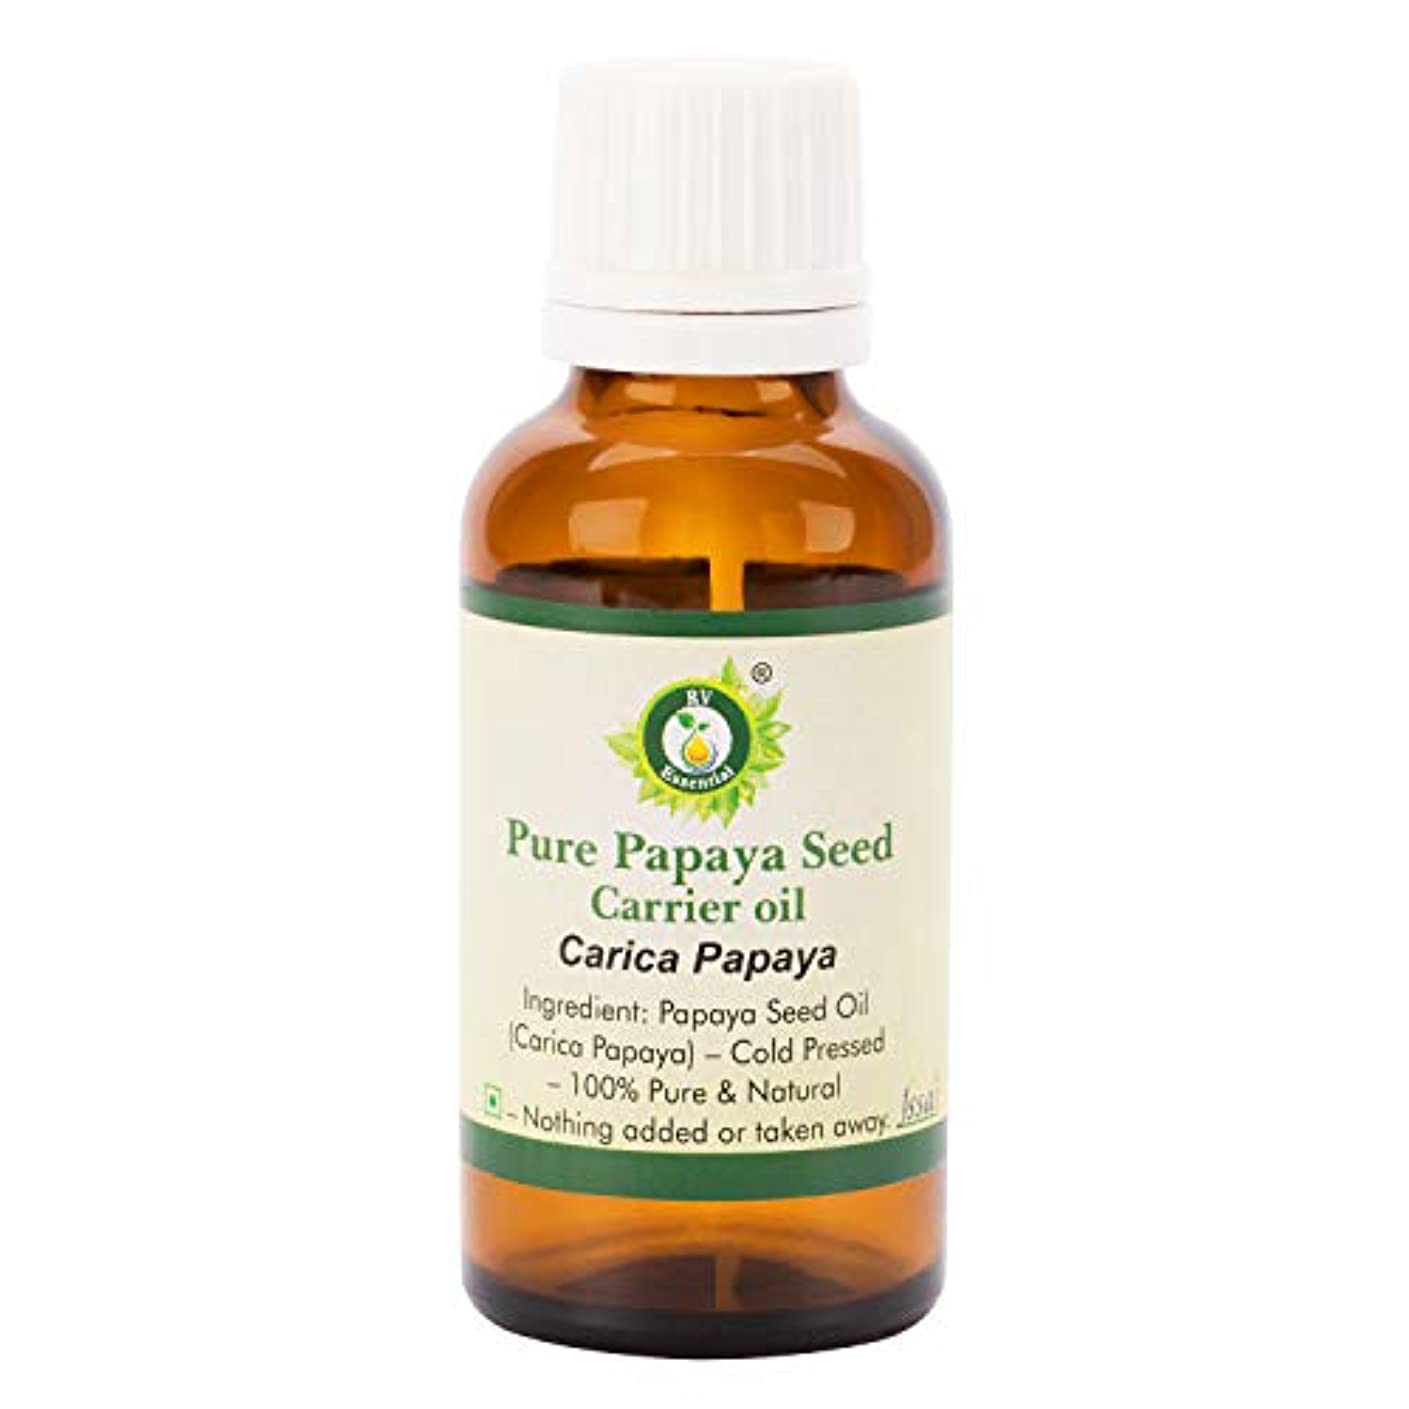 インフレーション咲く収束純粋なパパイヤ種子キャリアオイル15ml (0.507oz)- Carica Papaya (100%ピュア&ナチュラルコールドPressed) Pure Papaya Seed Carrier Oil